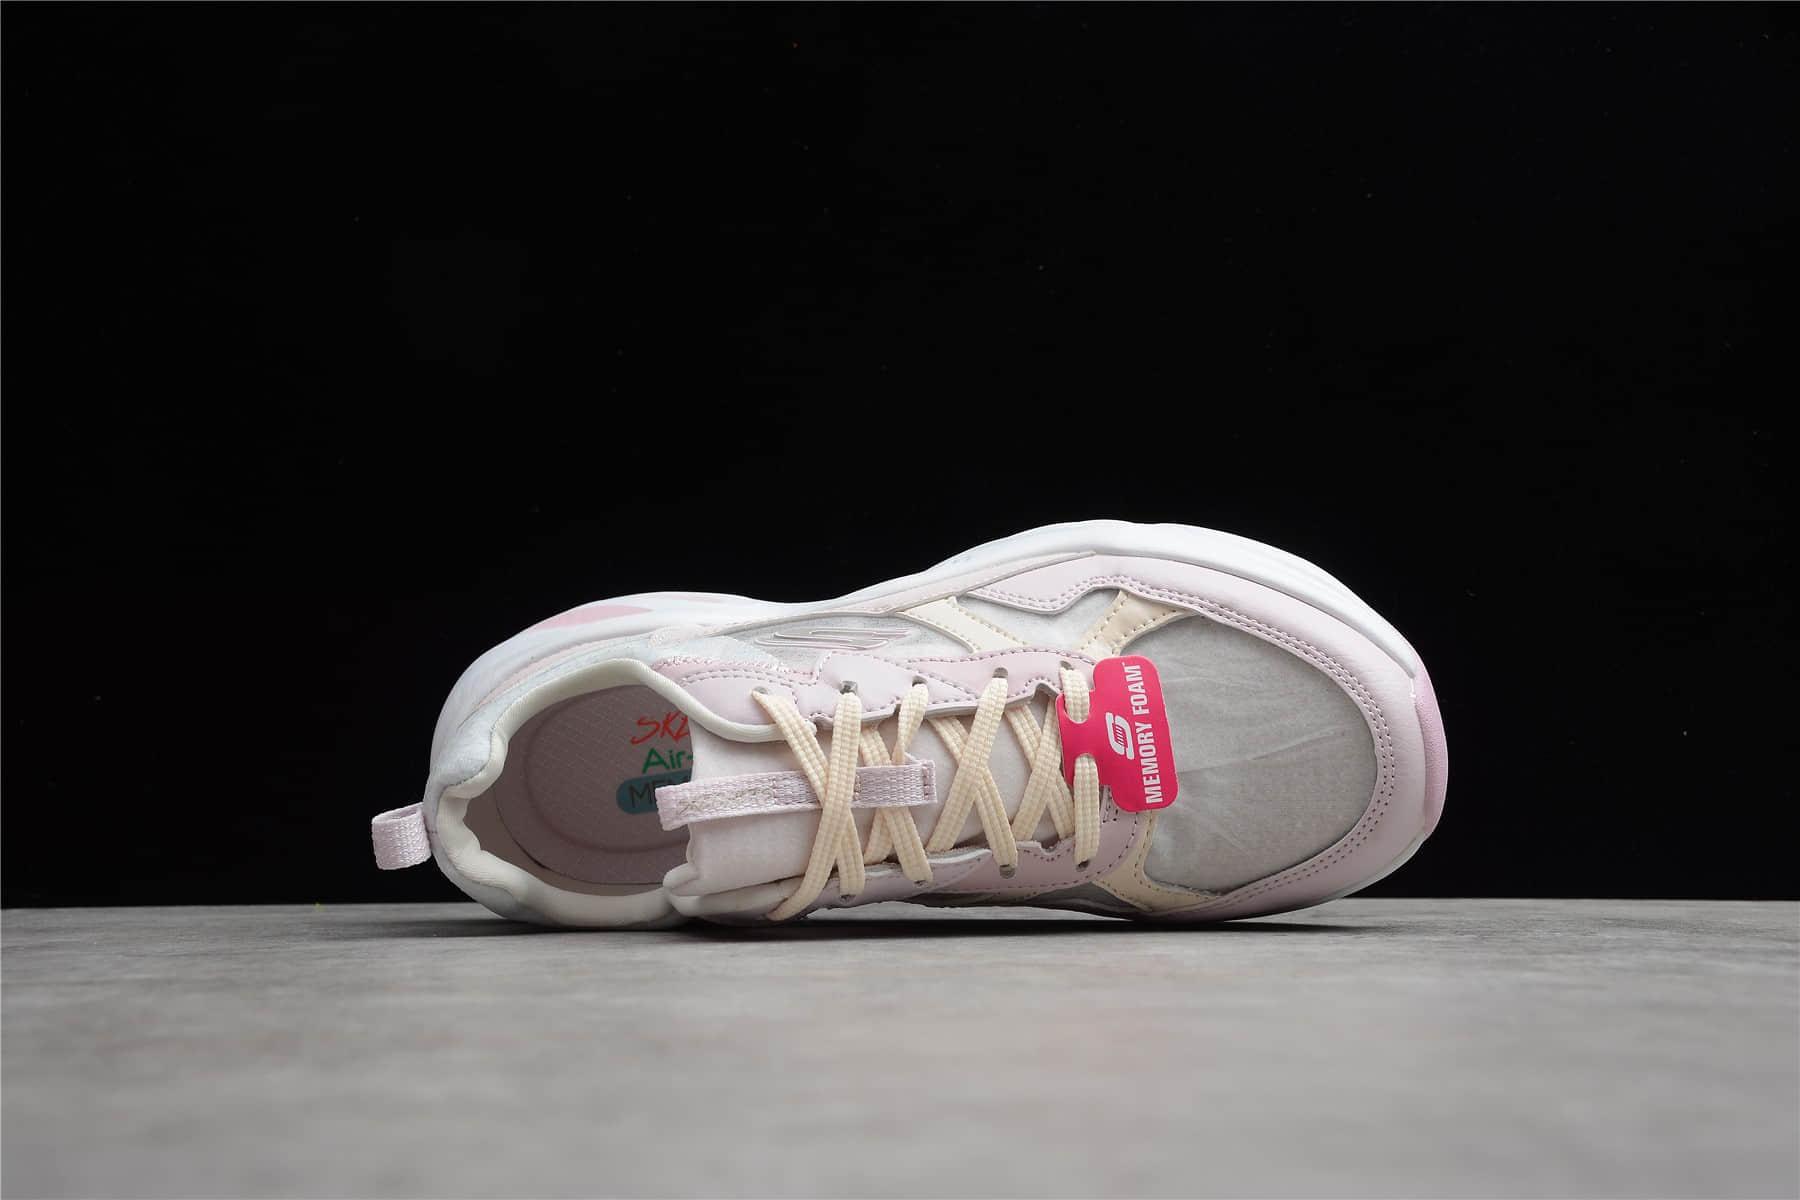 斯凯奇小白鞋 斯凯奇2021新款 Skechers 2021ss 斯凯奇粉色老爹鞋 斯凯奇增高鞋 货号:896003/LTPK-潮流者之家